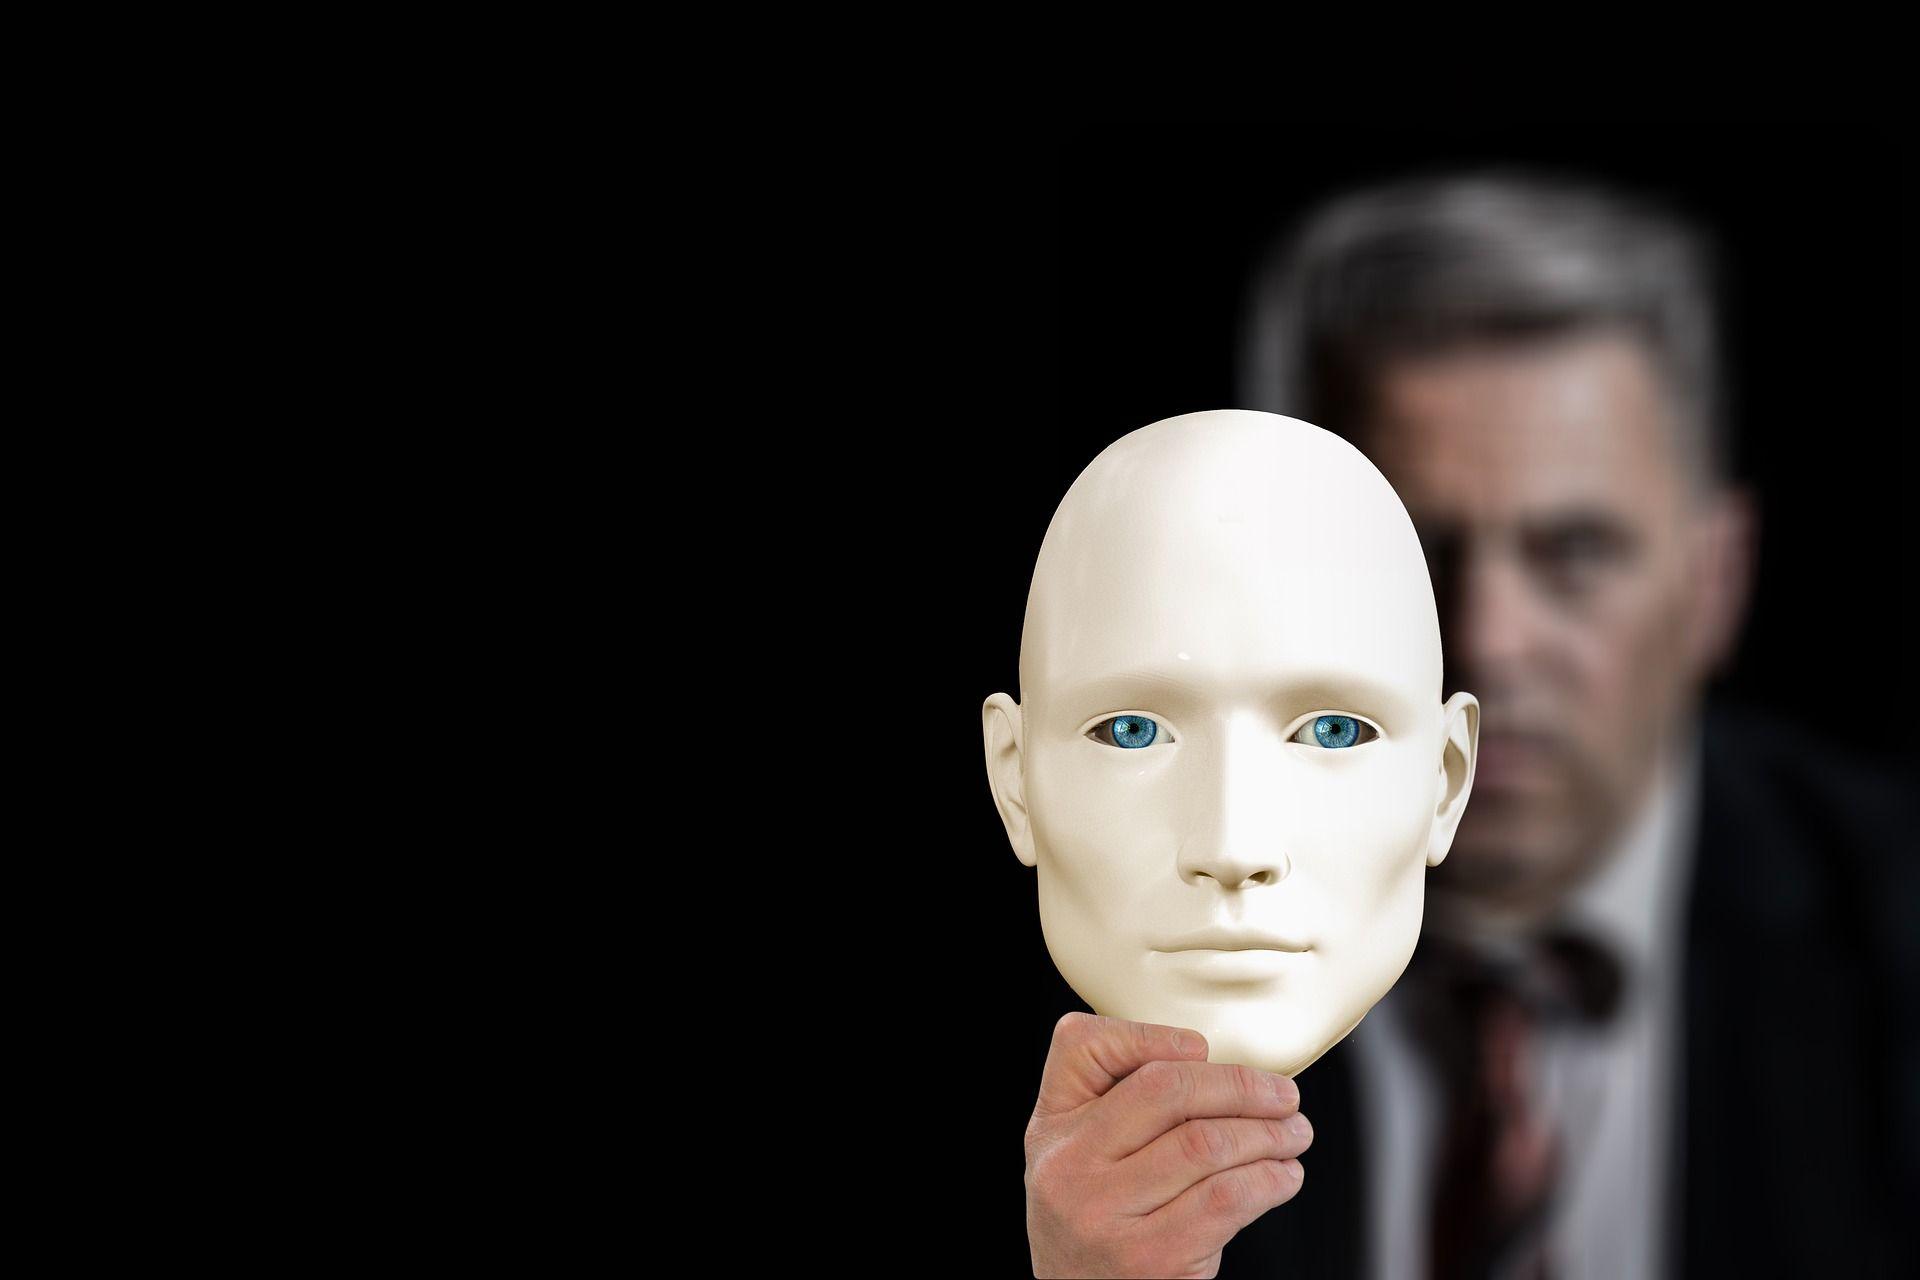 Síndrome do impostor: como criar hábitos de autoconfiança